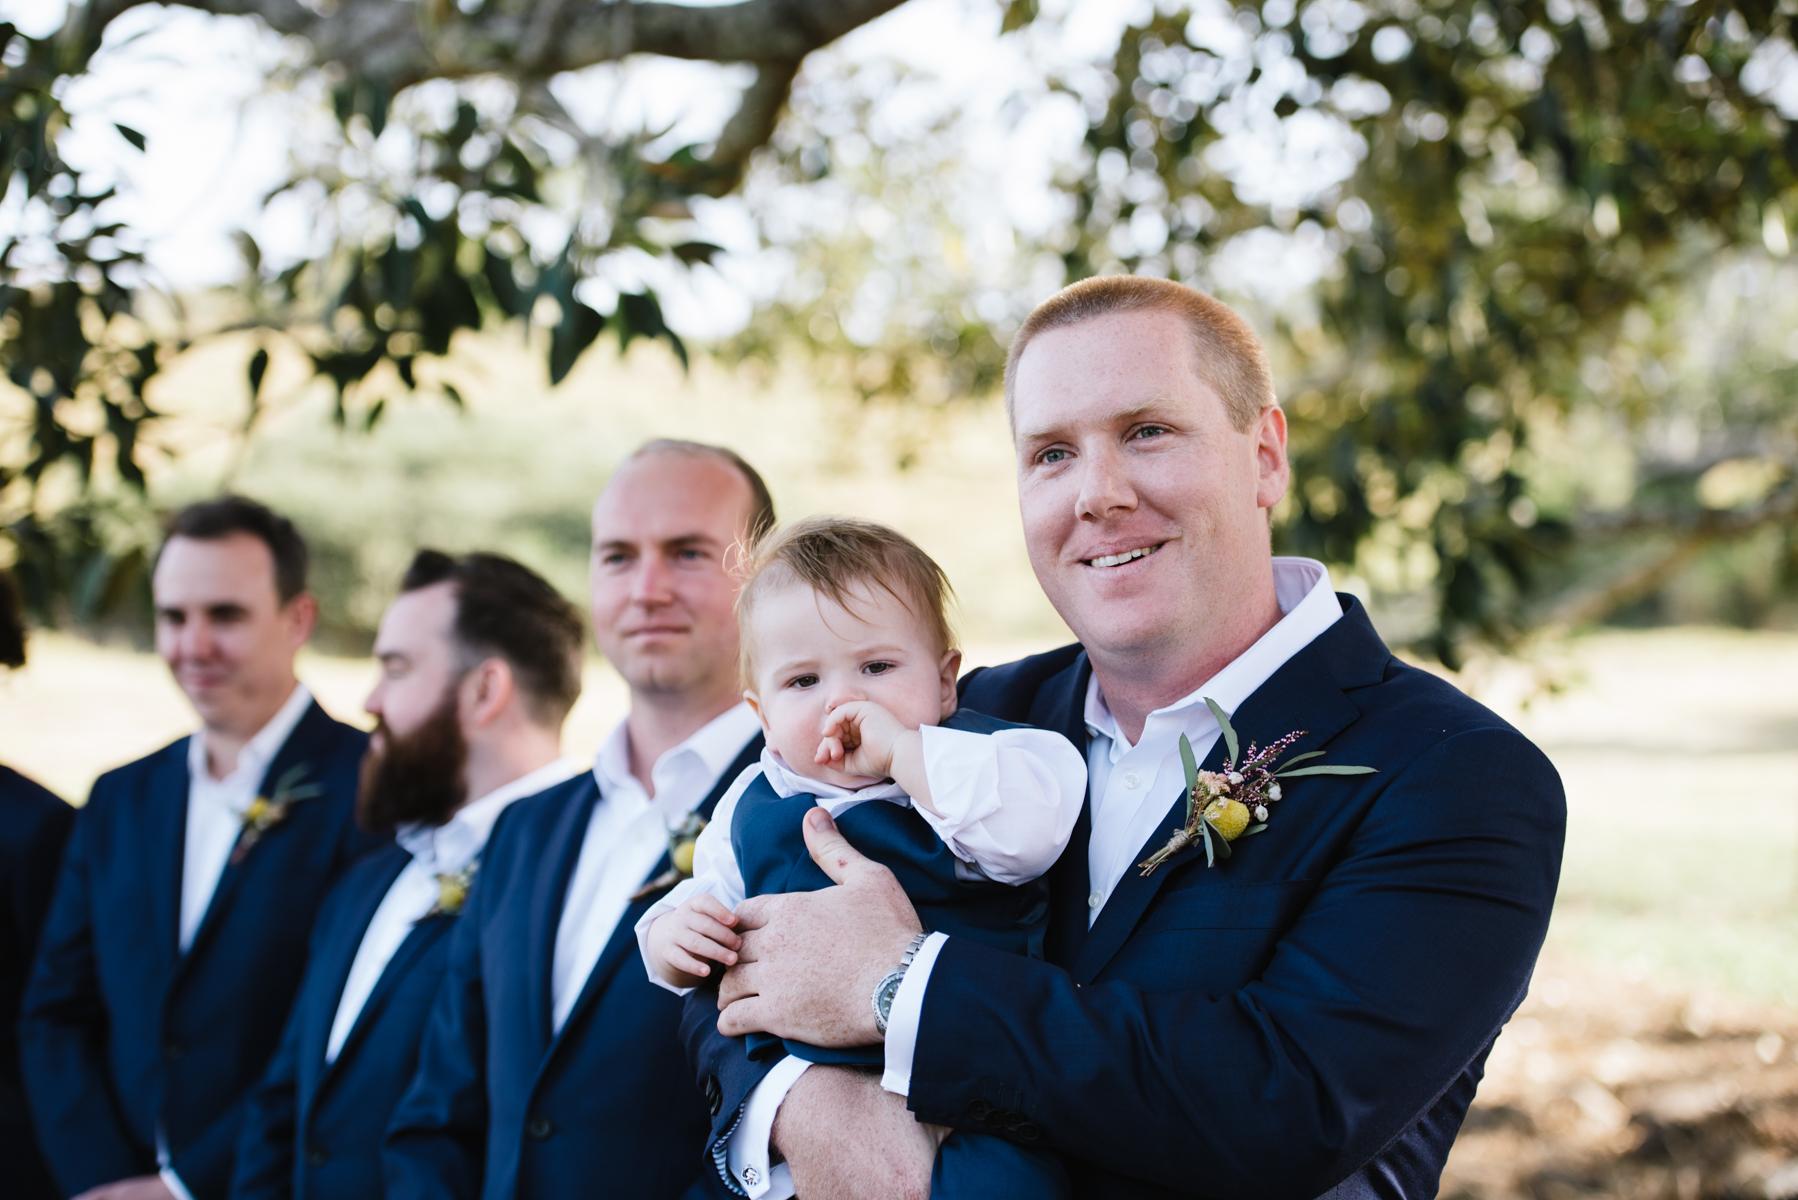 sarahandBenwedding- skyla sage photography weddings, families, byron bay,tweed coast,kingscliff,cabarita,gold coast-367.jpg